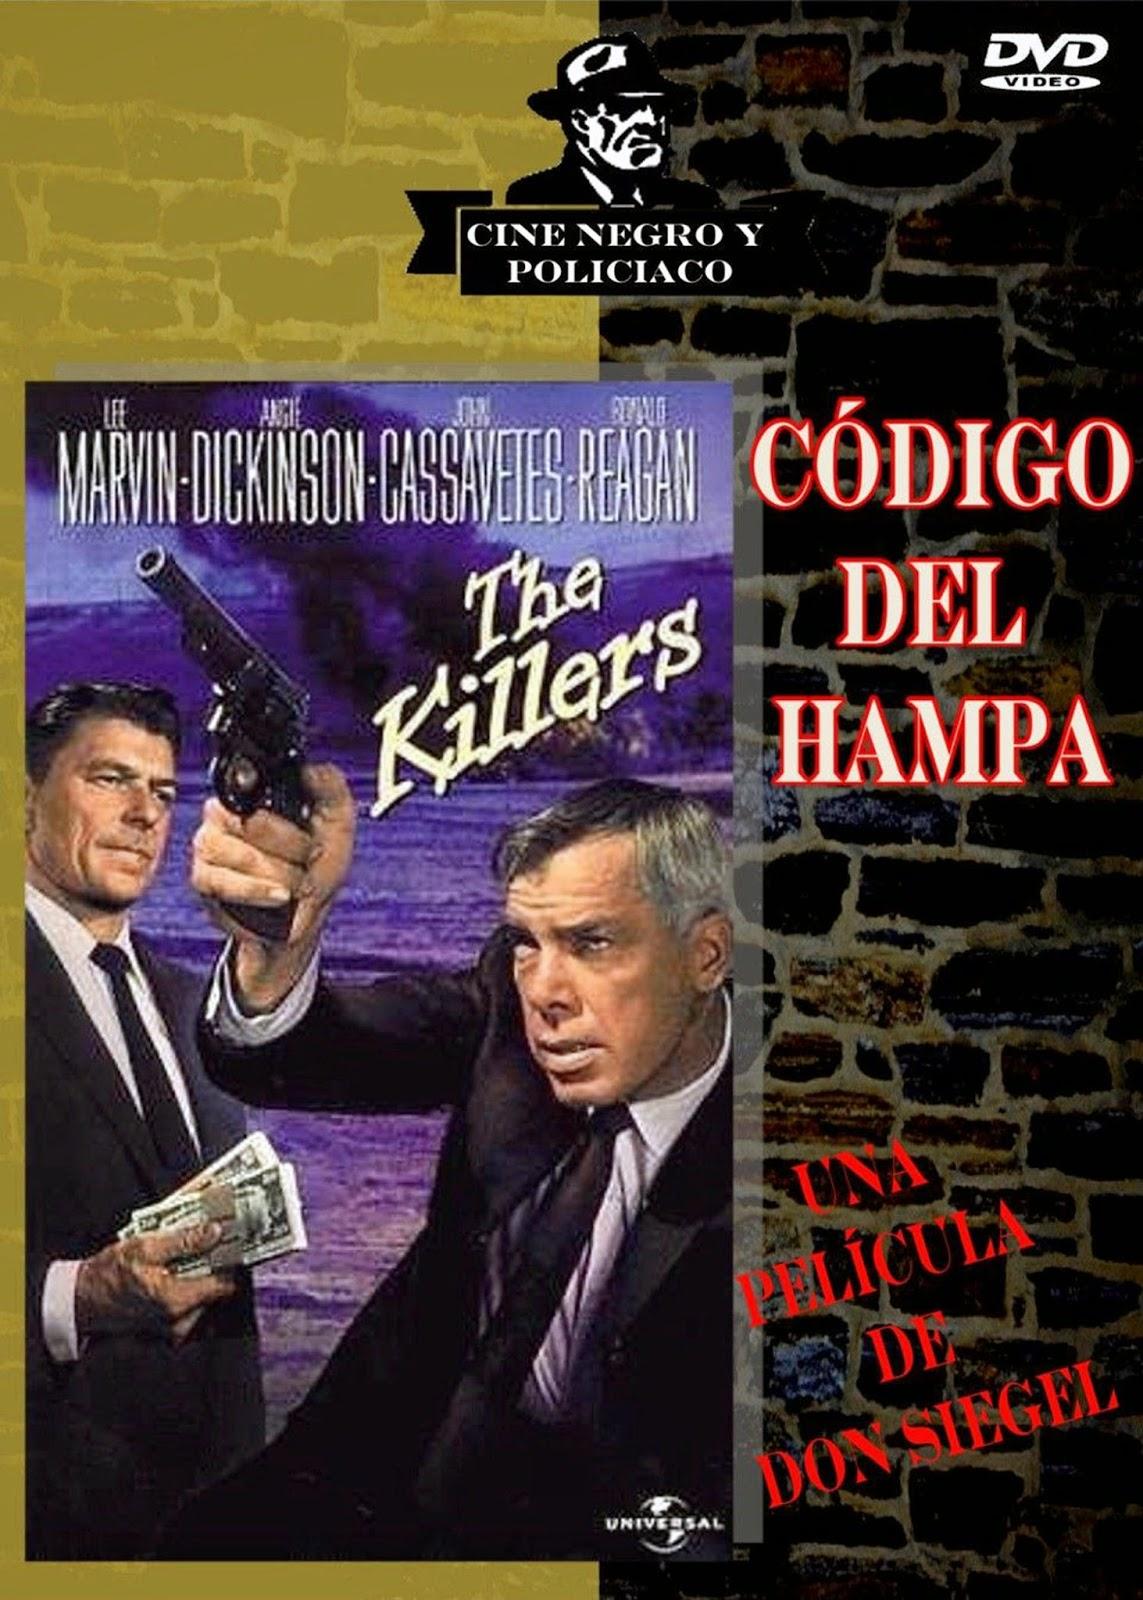 Codigo Del Hampa (1964)